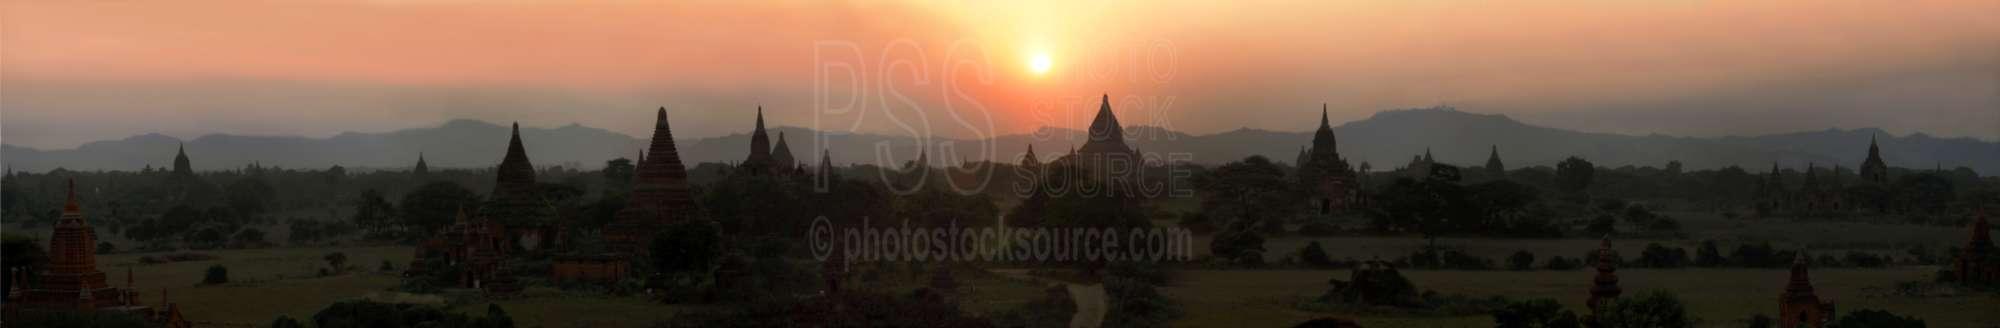 Shwe San Daw Sunset